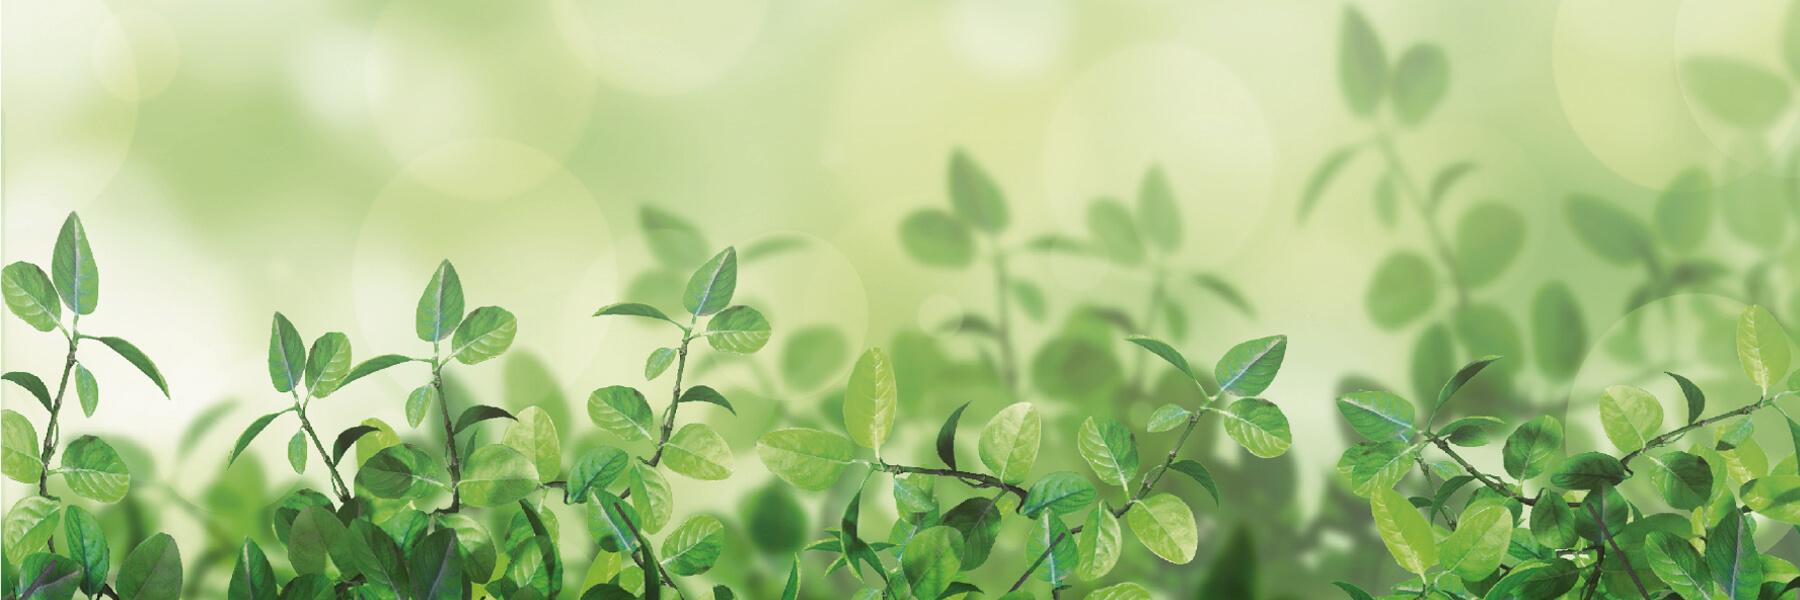 Plantas verdes de hojas pequeñas